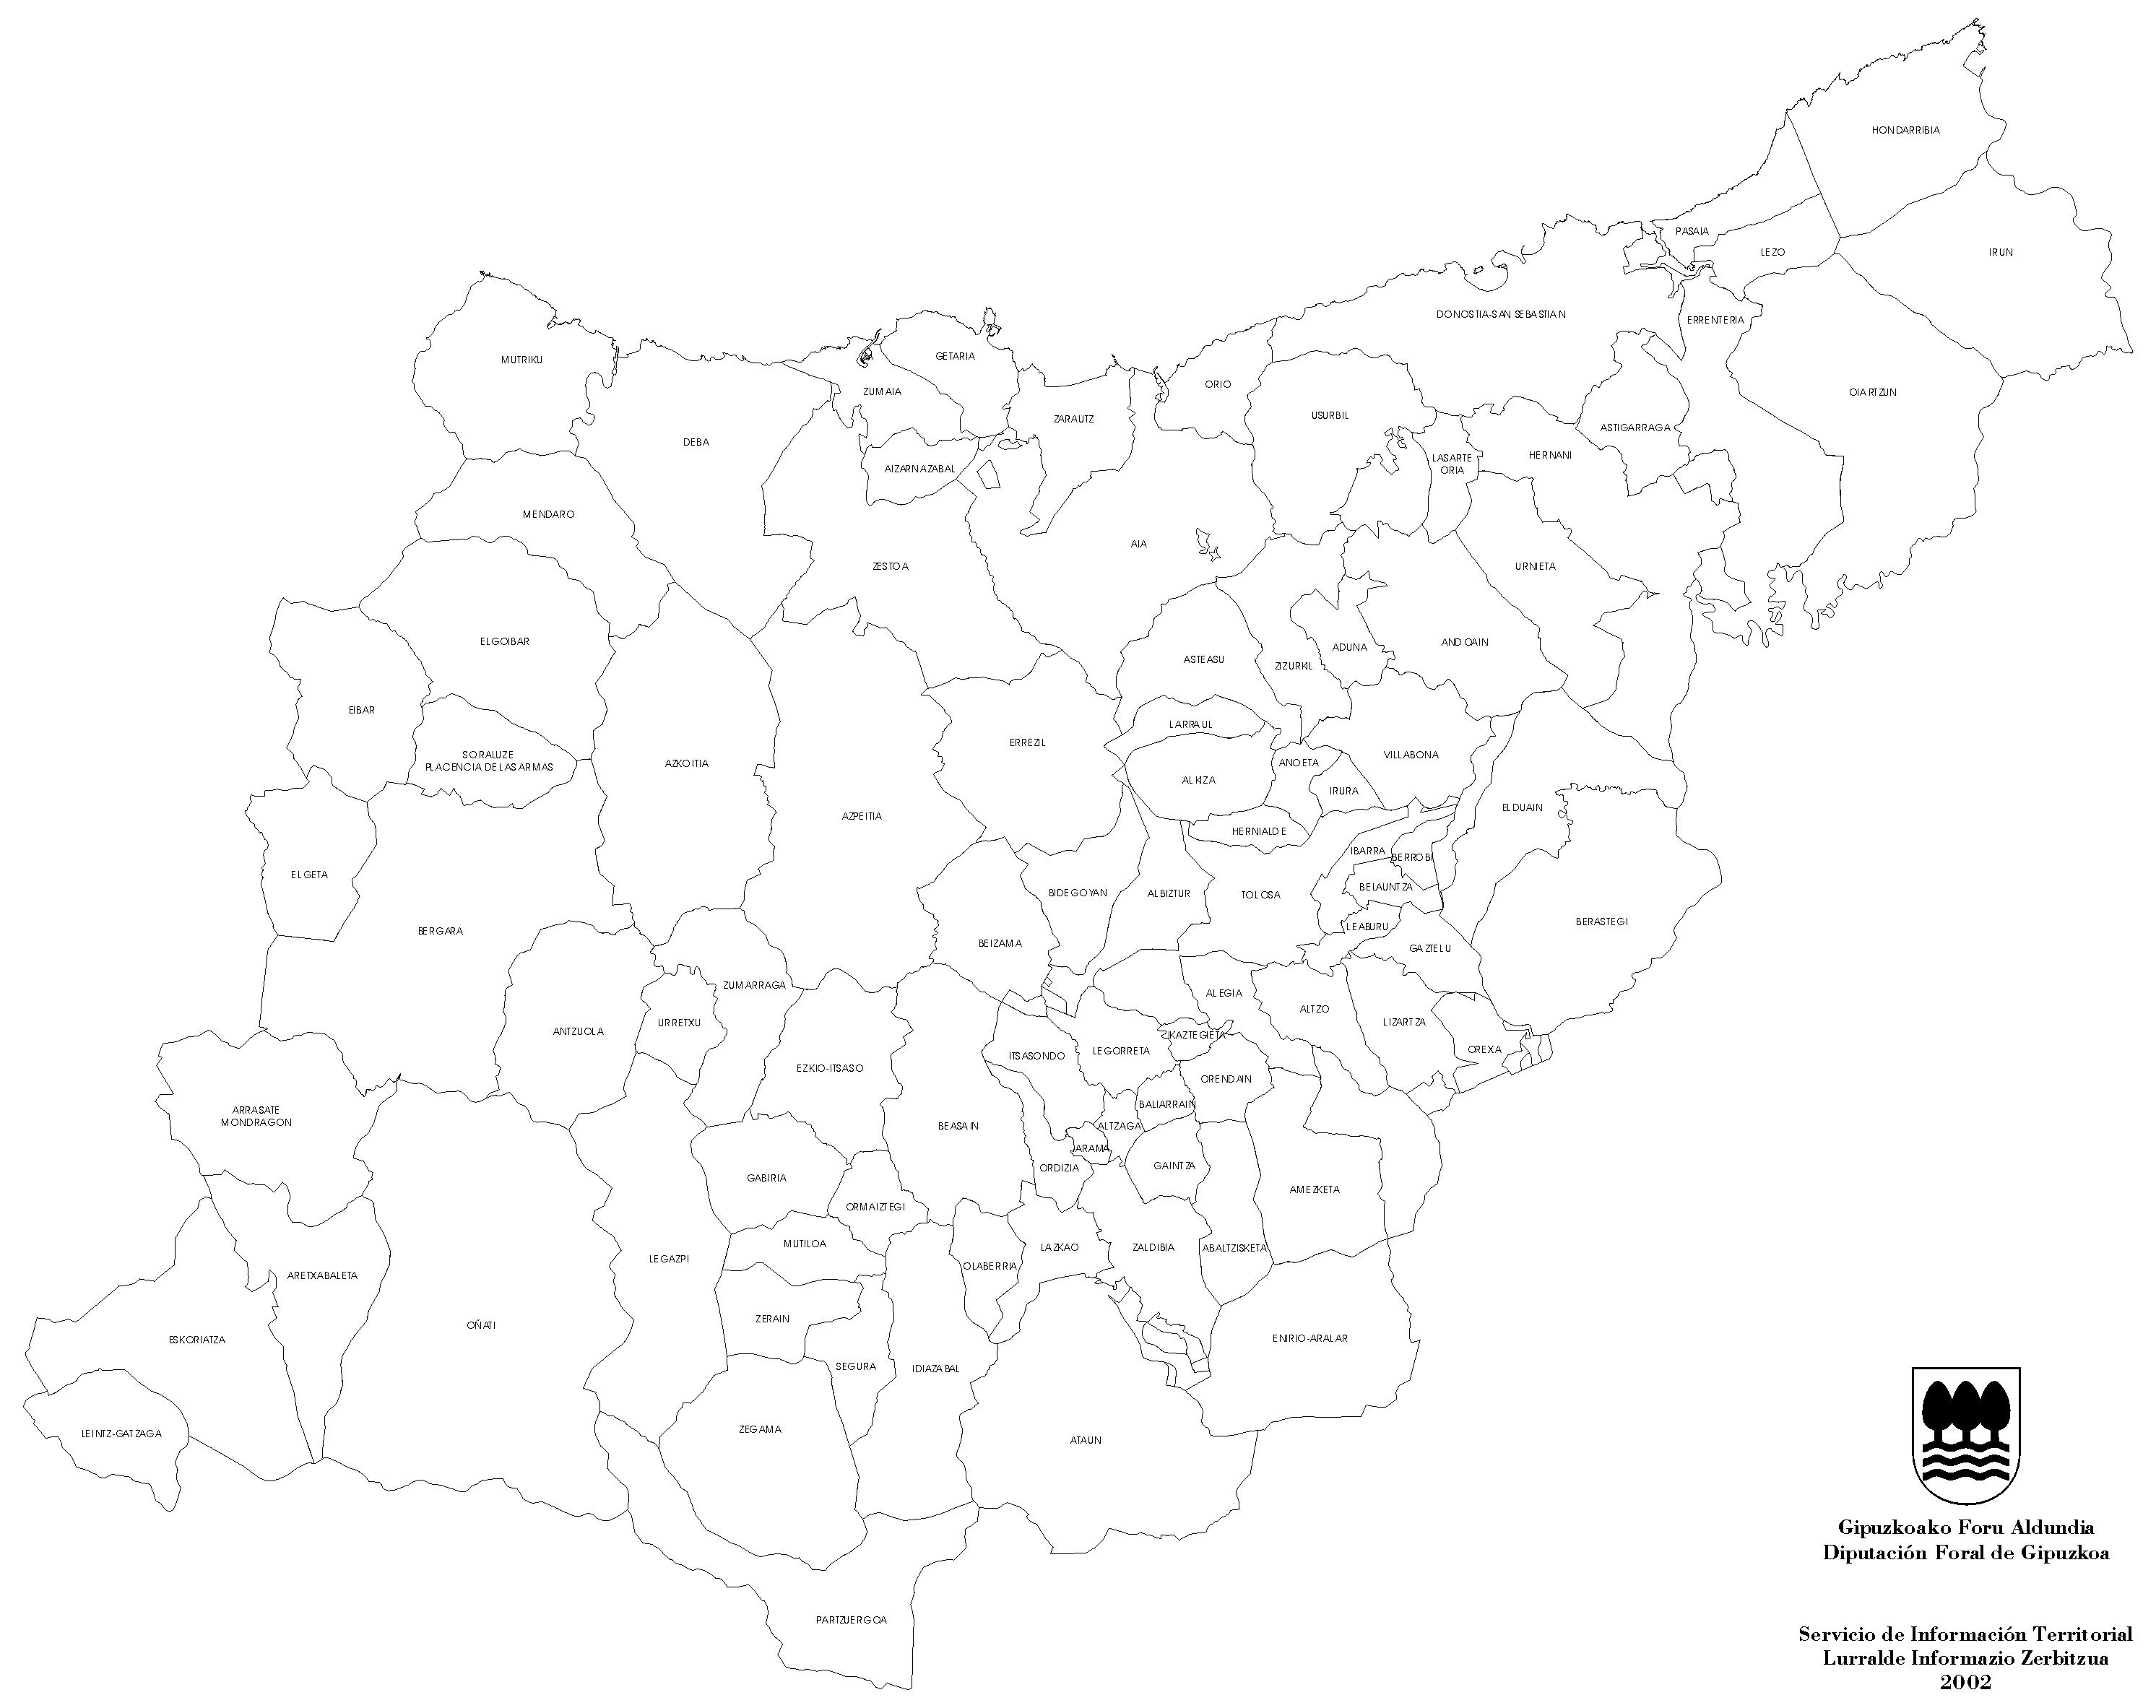 Mapa De Municipios Y Mancomunidades De Guipuzcoa 2002 Mapa Owje Com